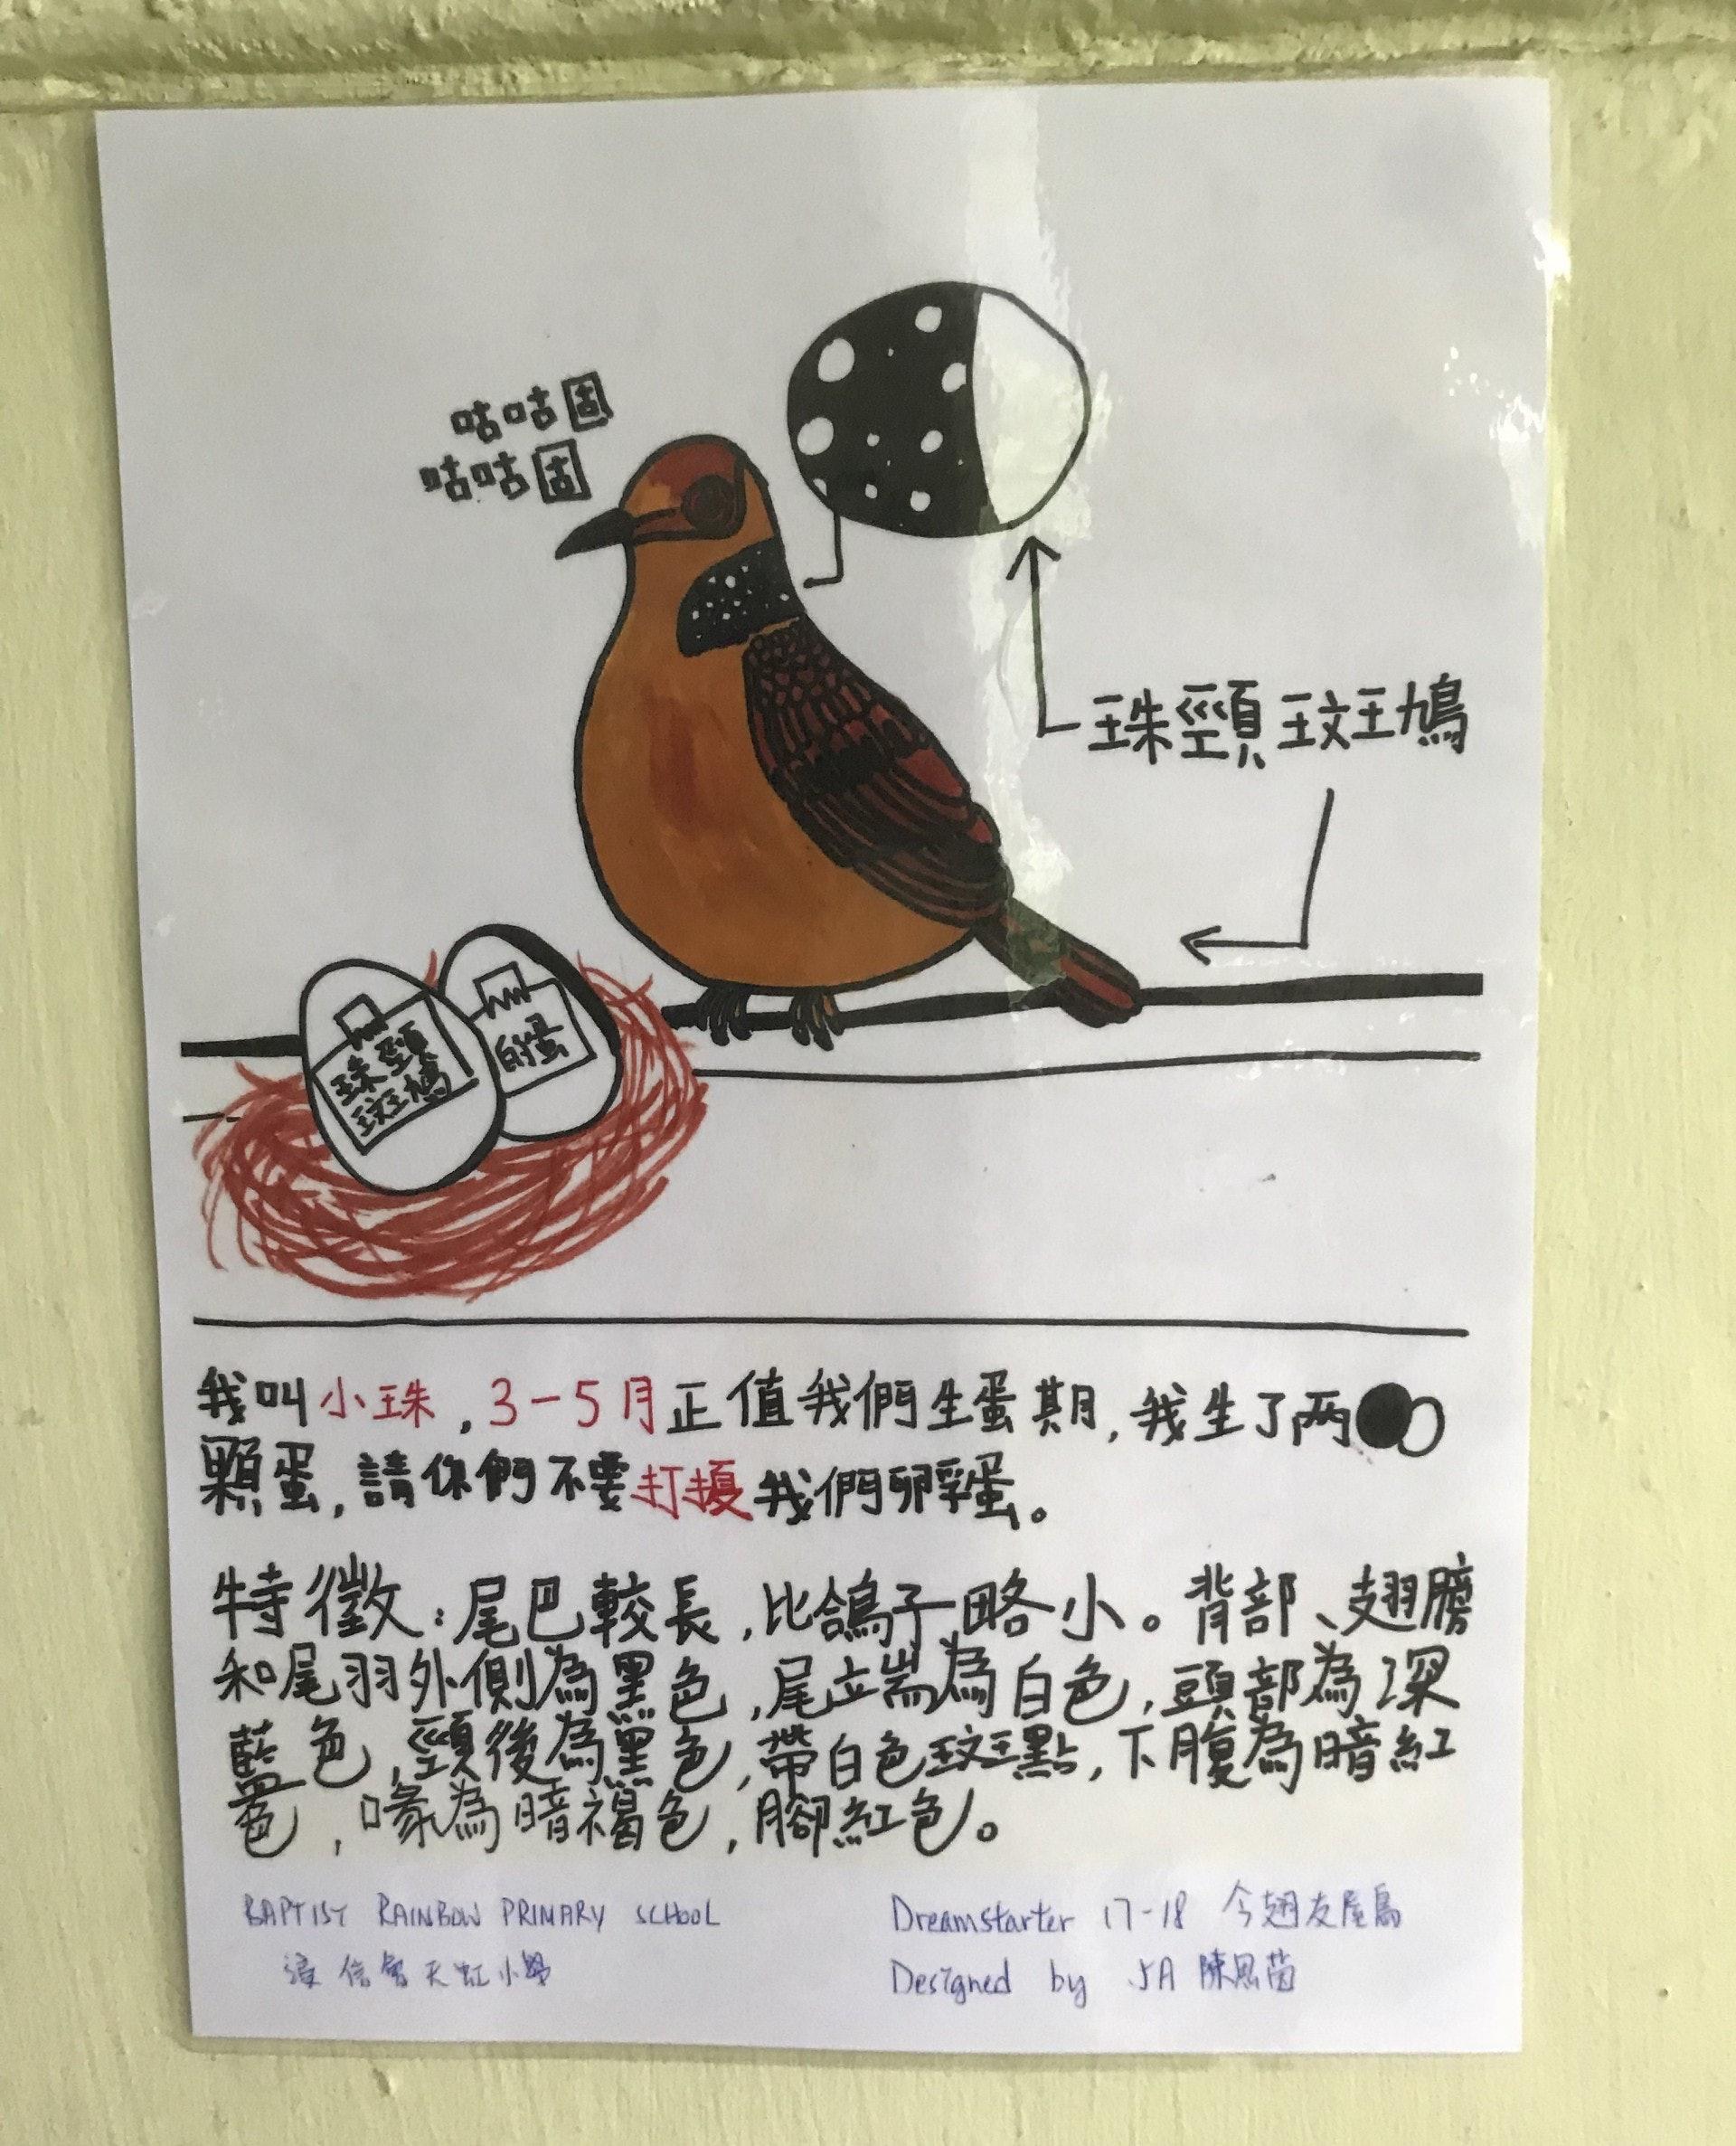 其中一隻鳥蛋已經孵化,同學更設計了一款新海報,圖文並茂地介紹了斑鳩母鳥為「小珠」。(鄧穎琳攝)